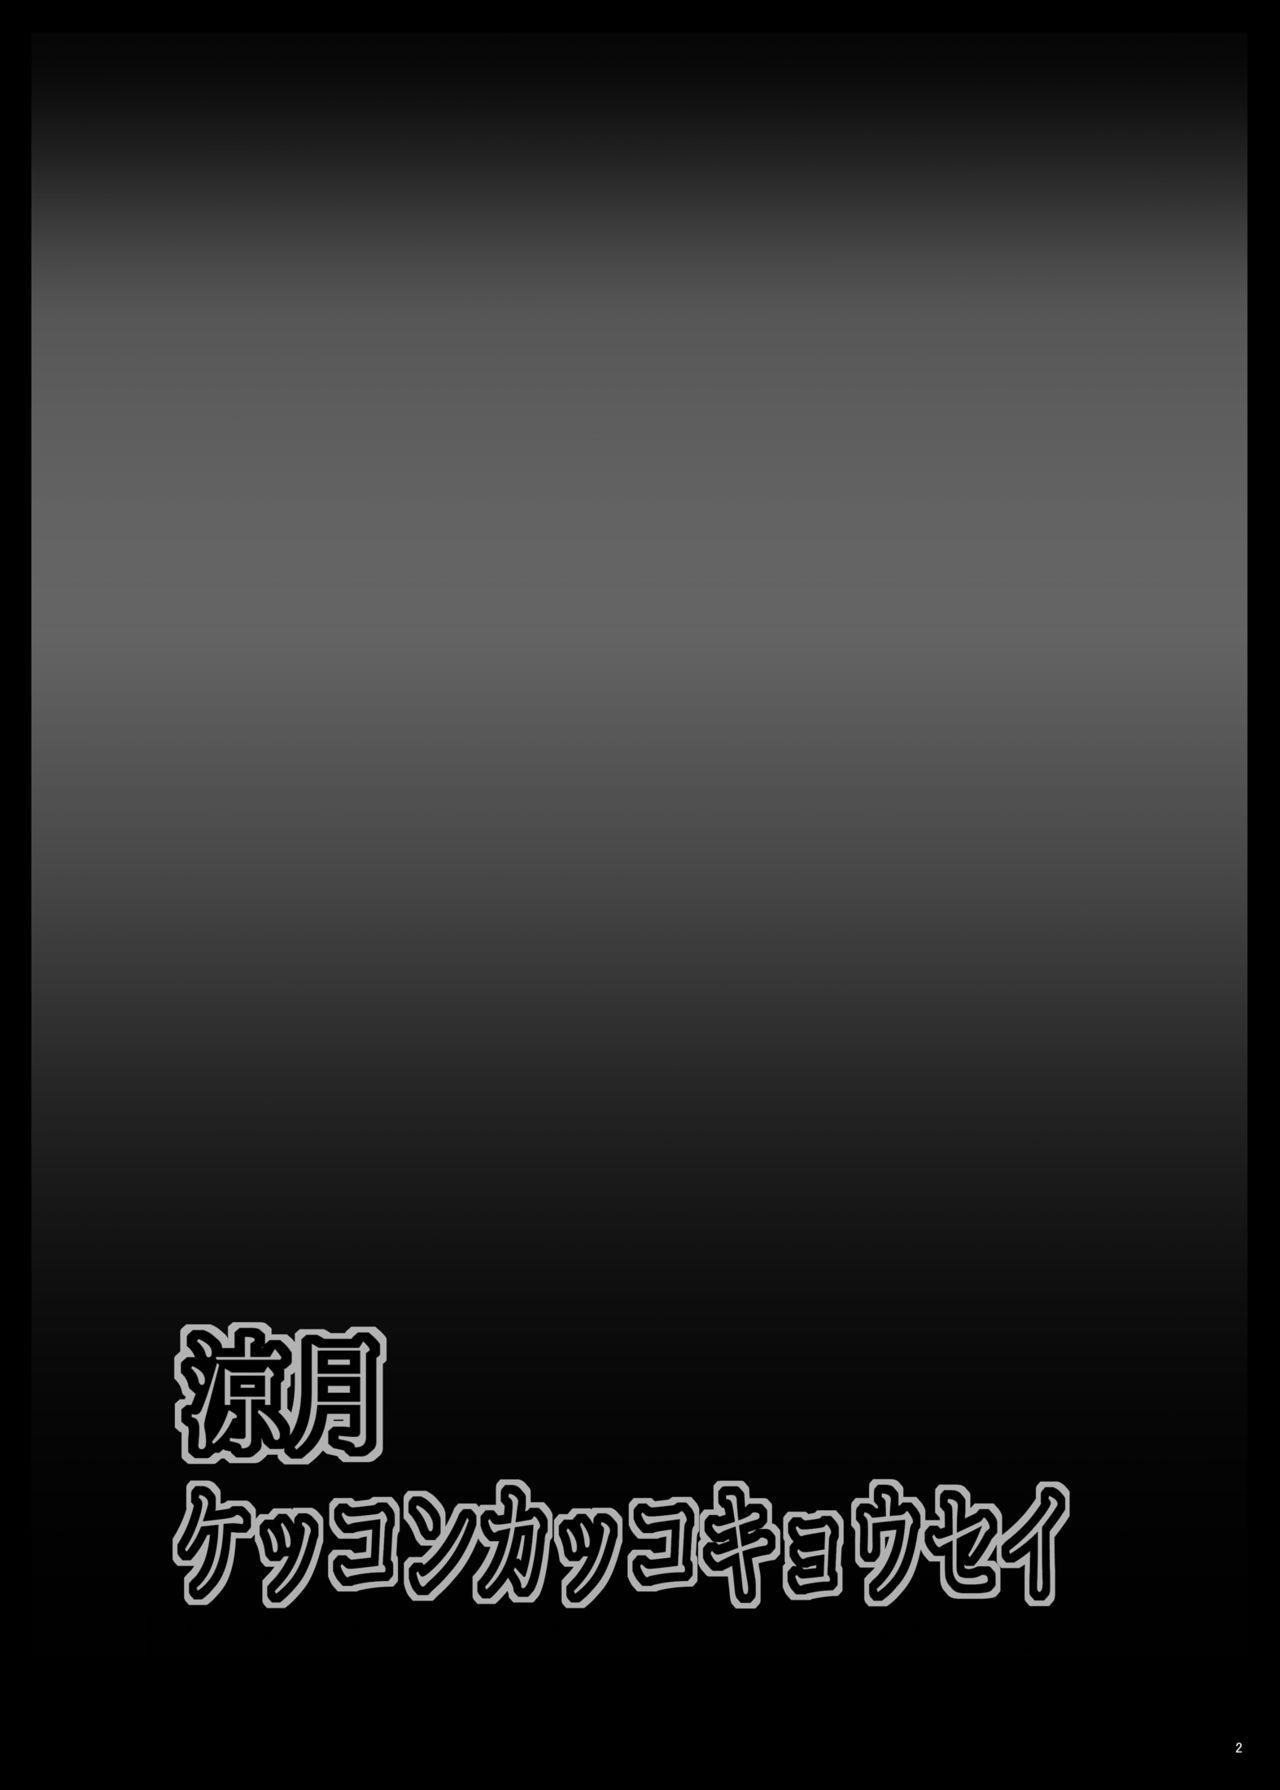 Suzutsuki Kekkon Kakko Kyousei 2